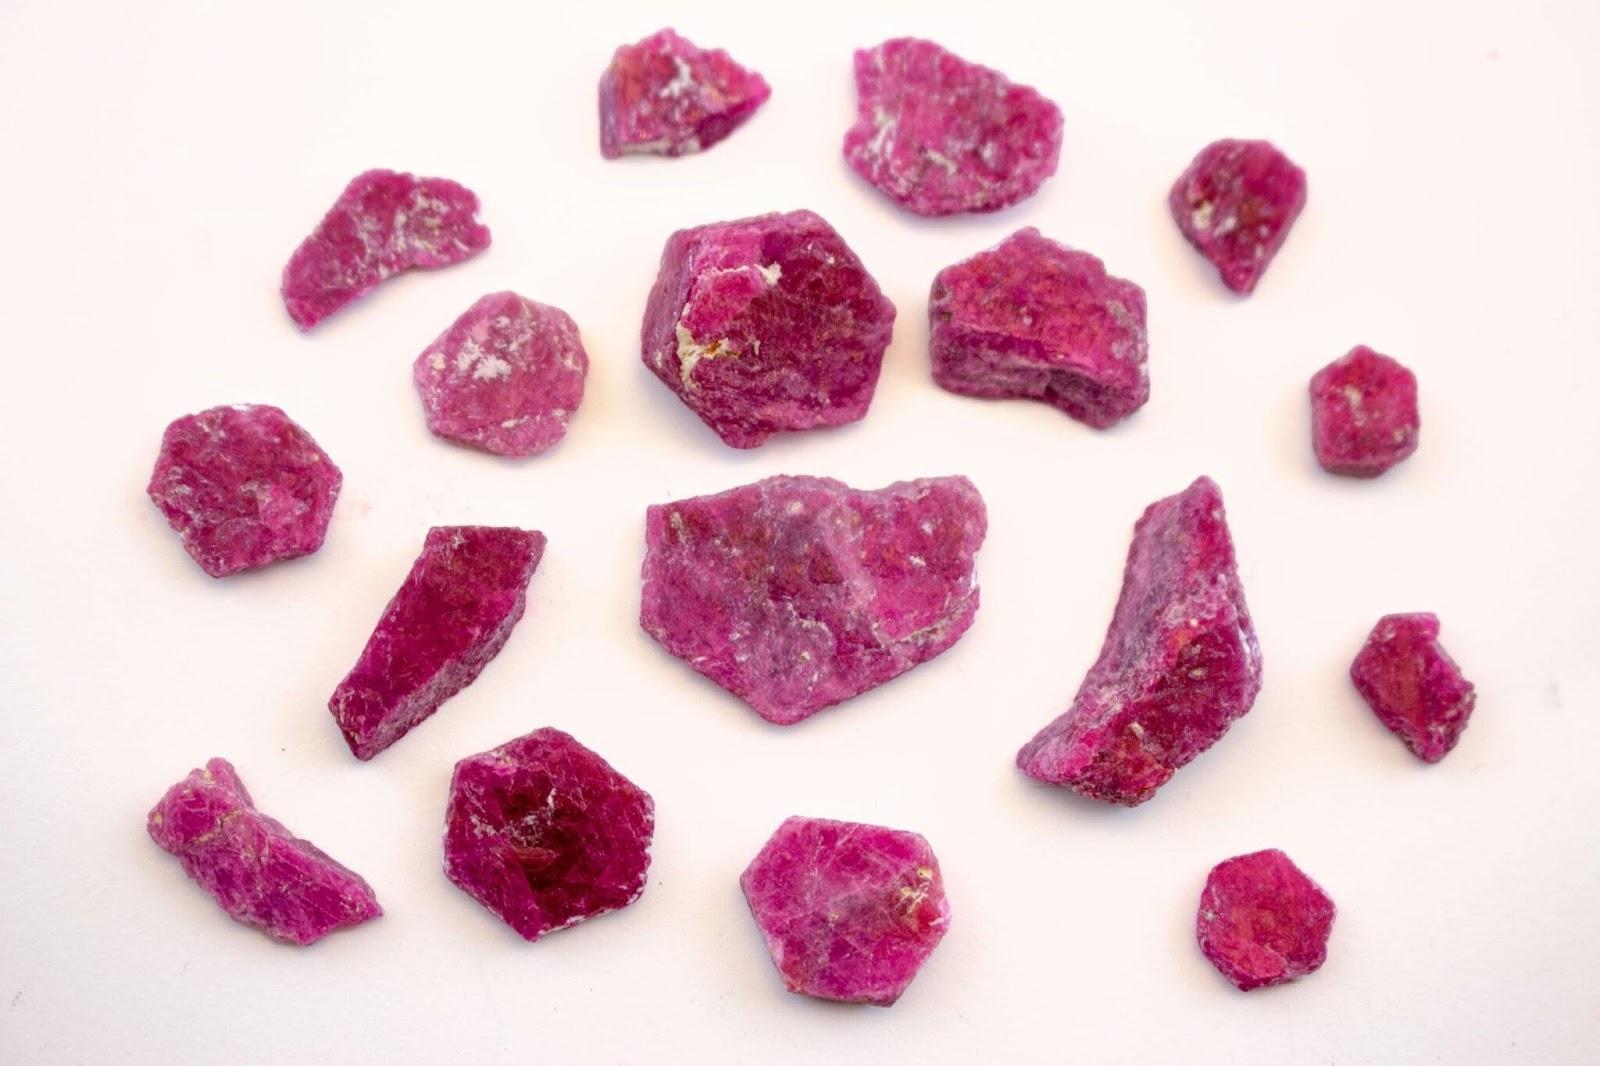 Đá ruby hồng ngọc mang ý nghĩa phong thủy mạnh mẽ